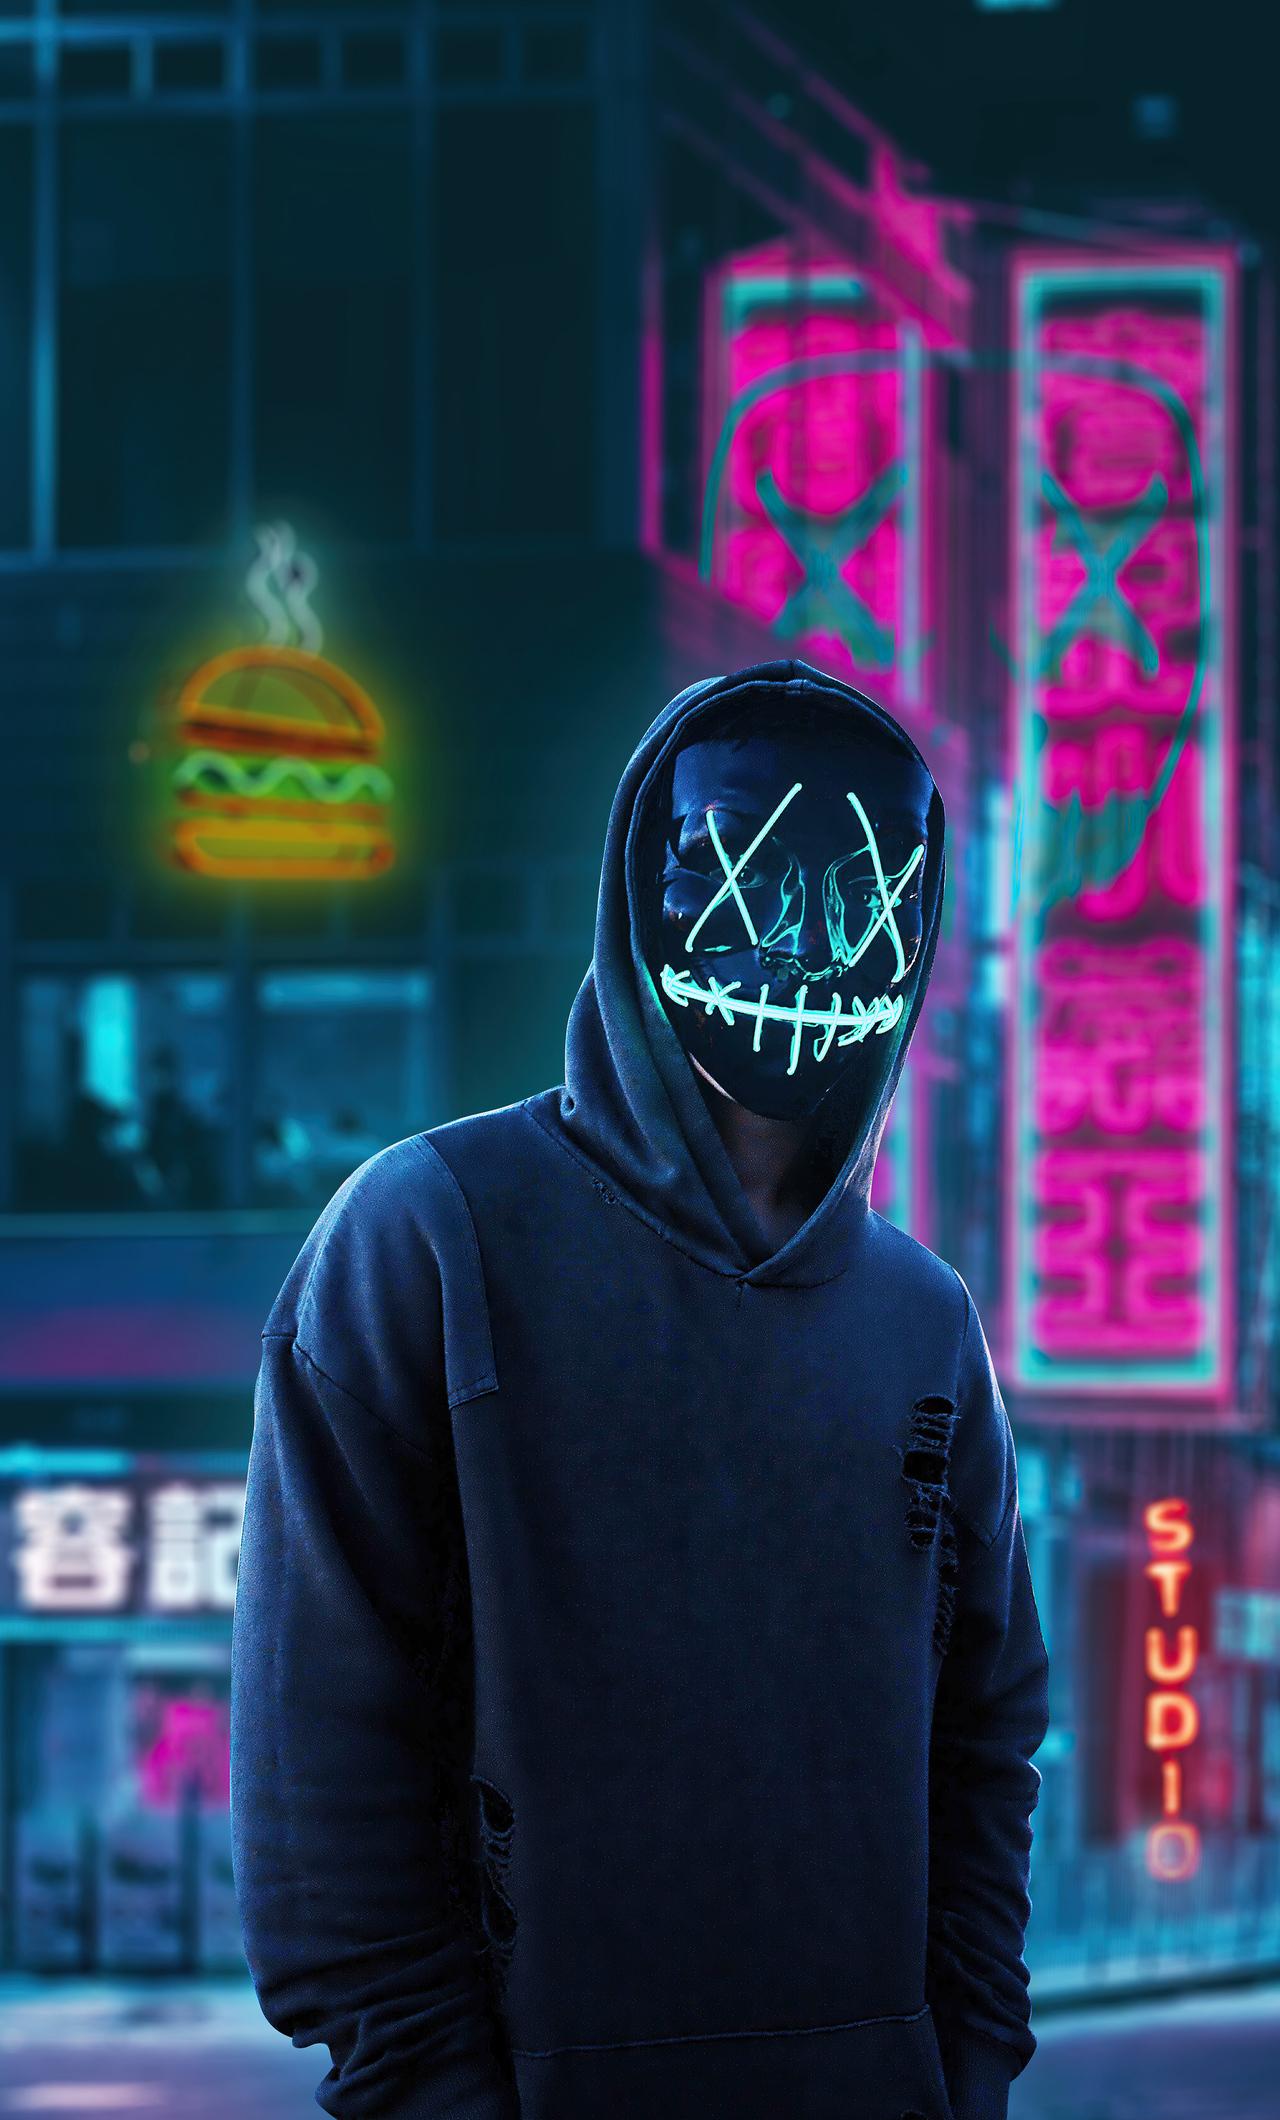 1280x2120 Black Mask Hoodie Boy In City 4k iPhone 6+ HD 4k ...